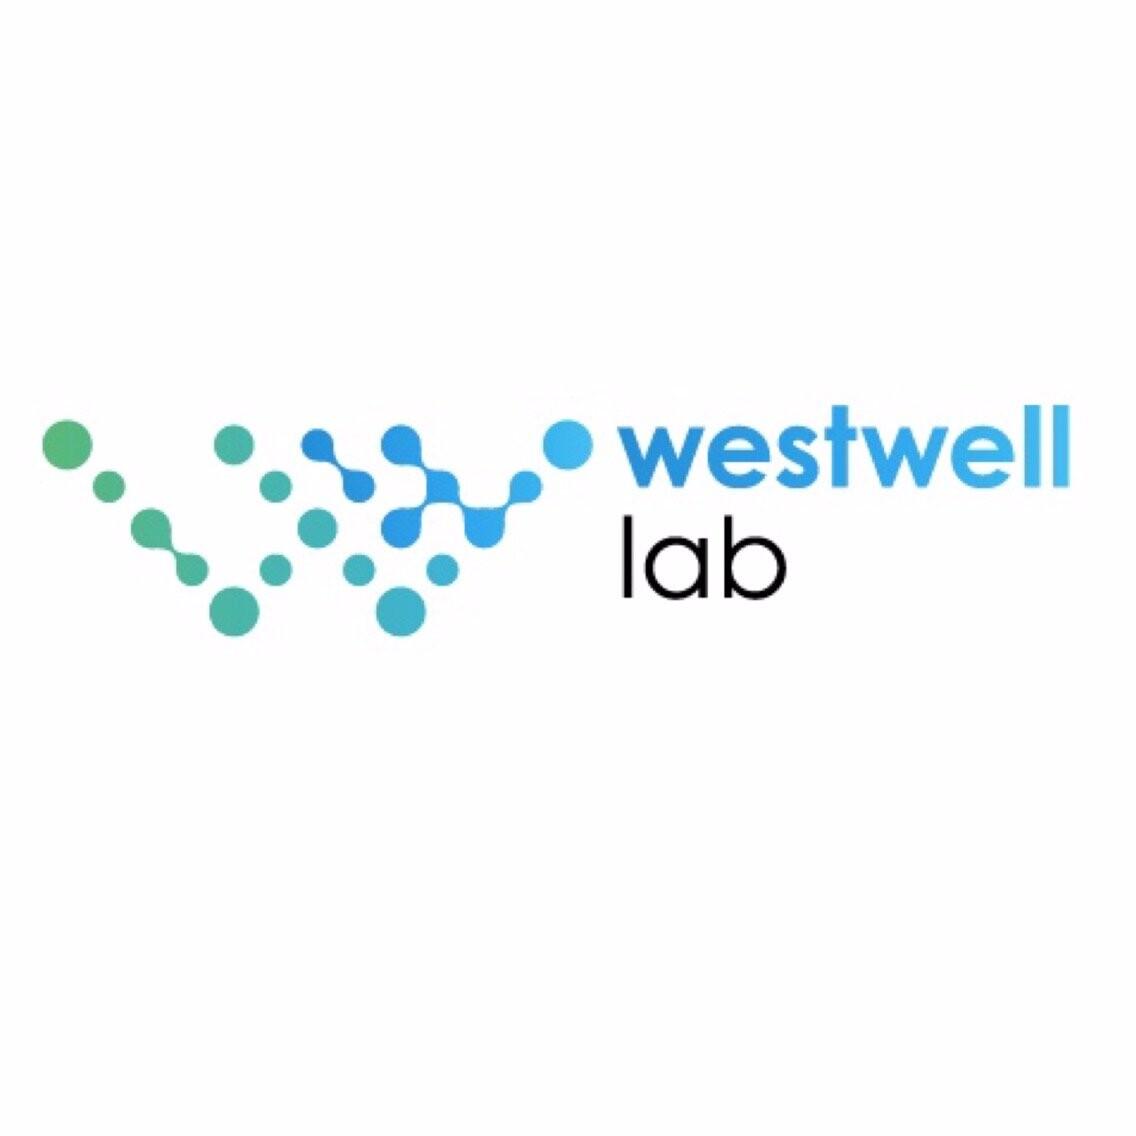 Westwell Lab